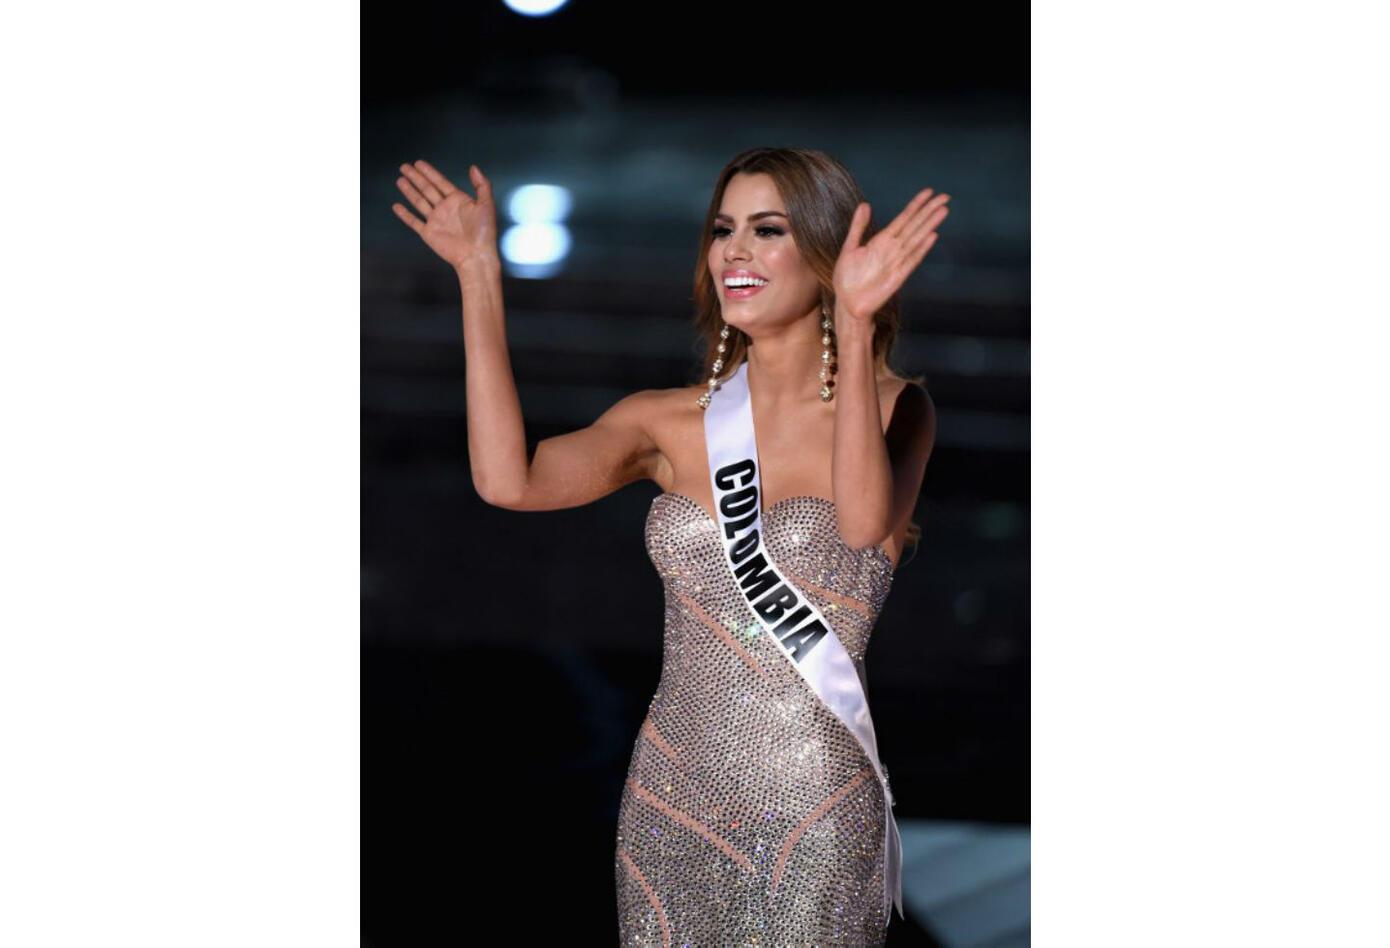 Ariadna Gutiérrez en Miss Universo